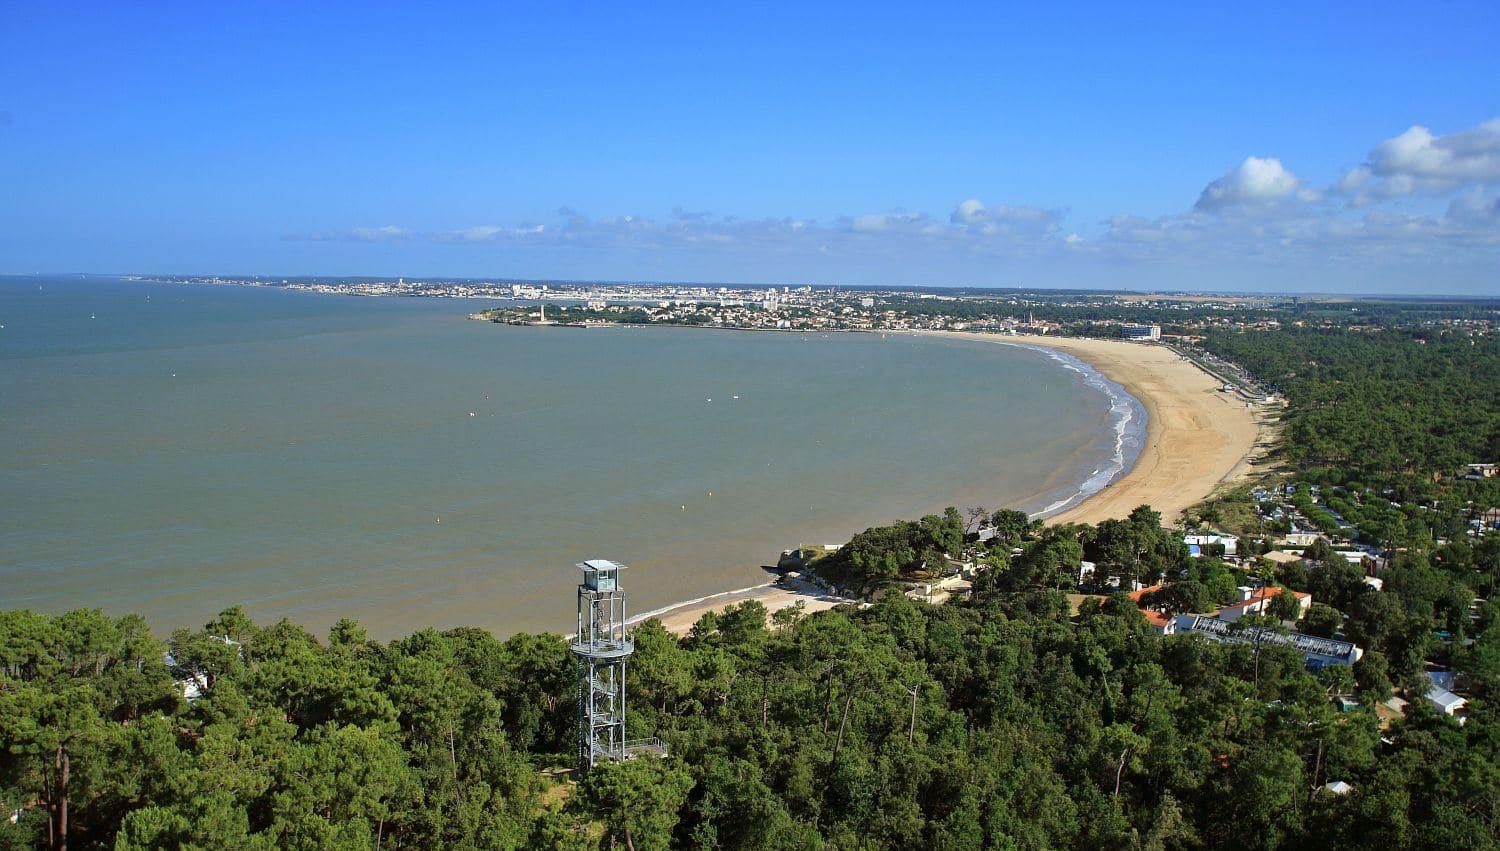 estuaire de la Gironde à Saint-Georges-de-Didonne